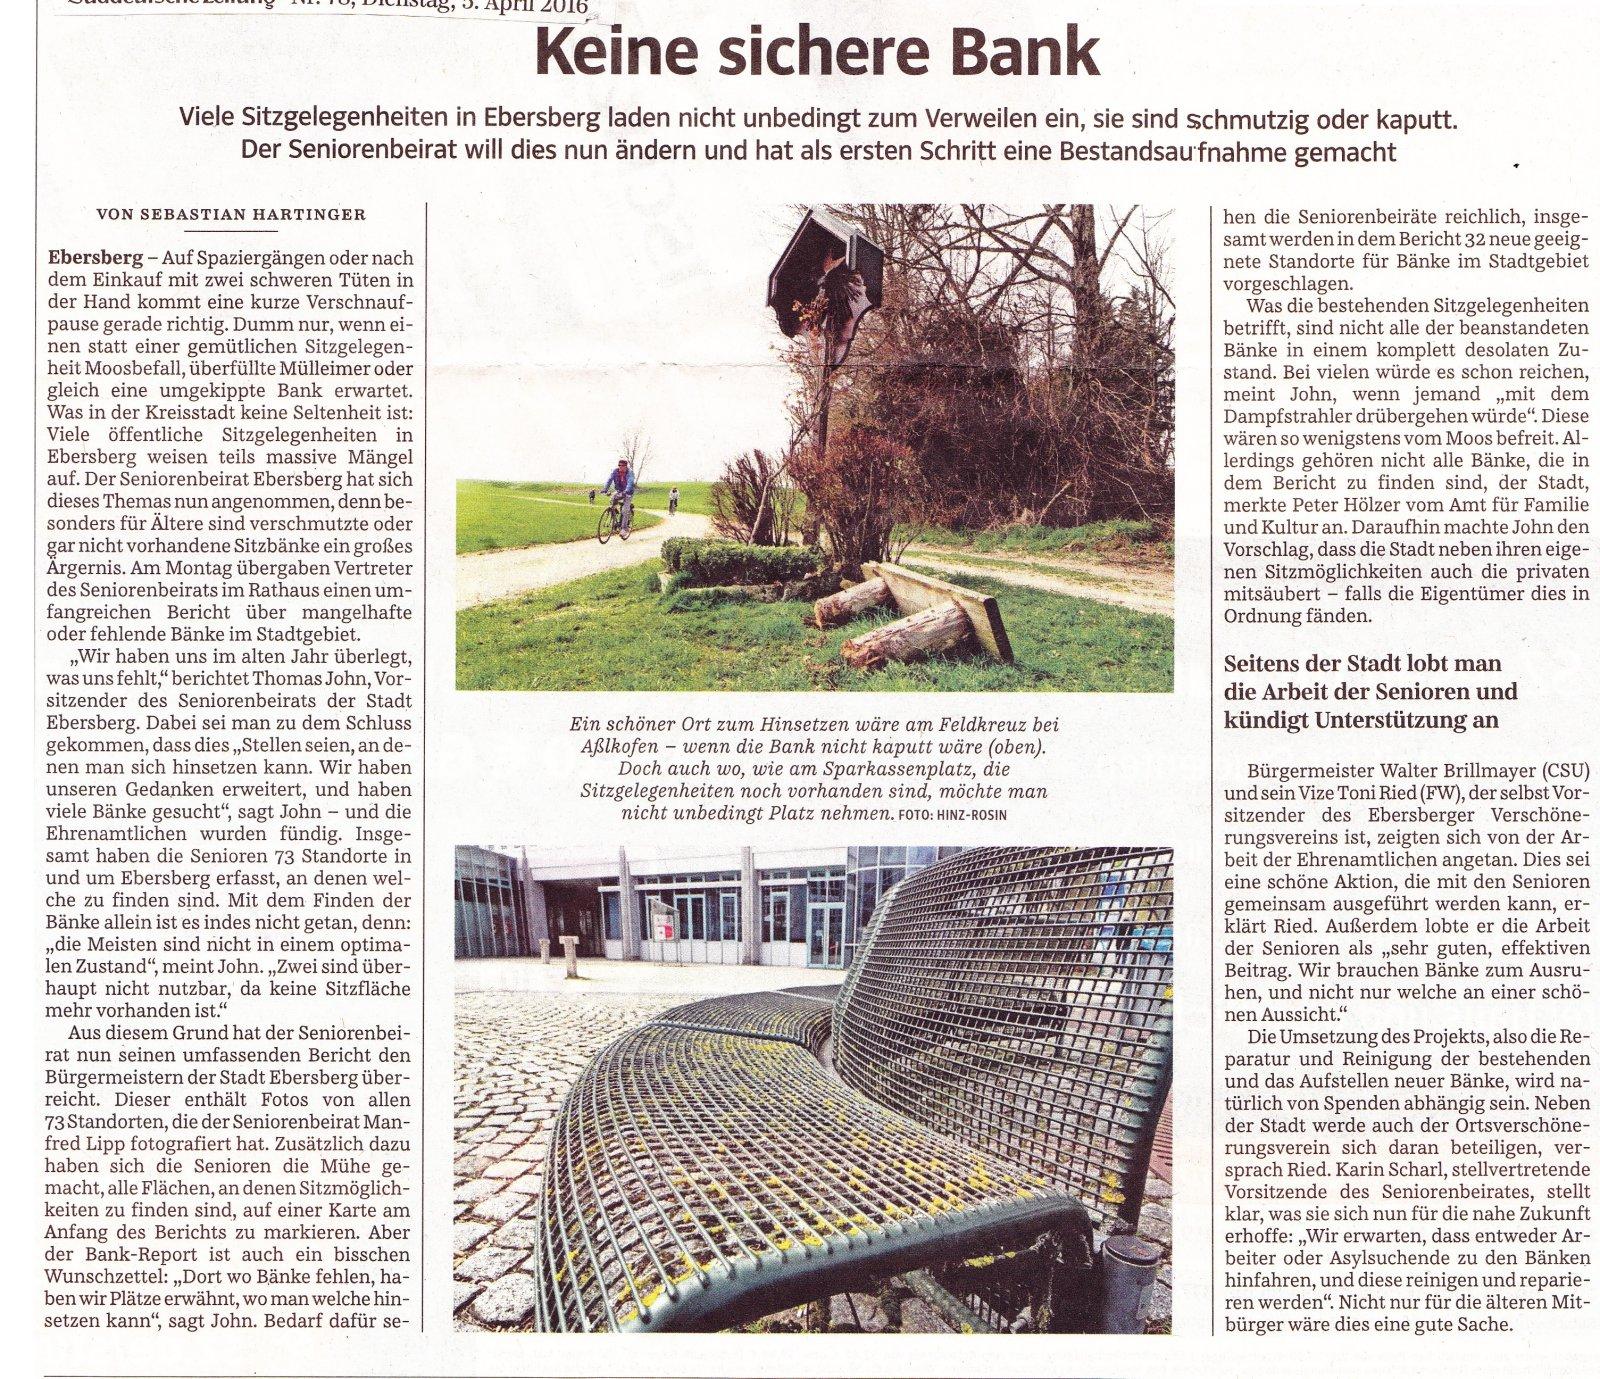 Süddeutsche Zeitung 4.4.2016